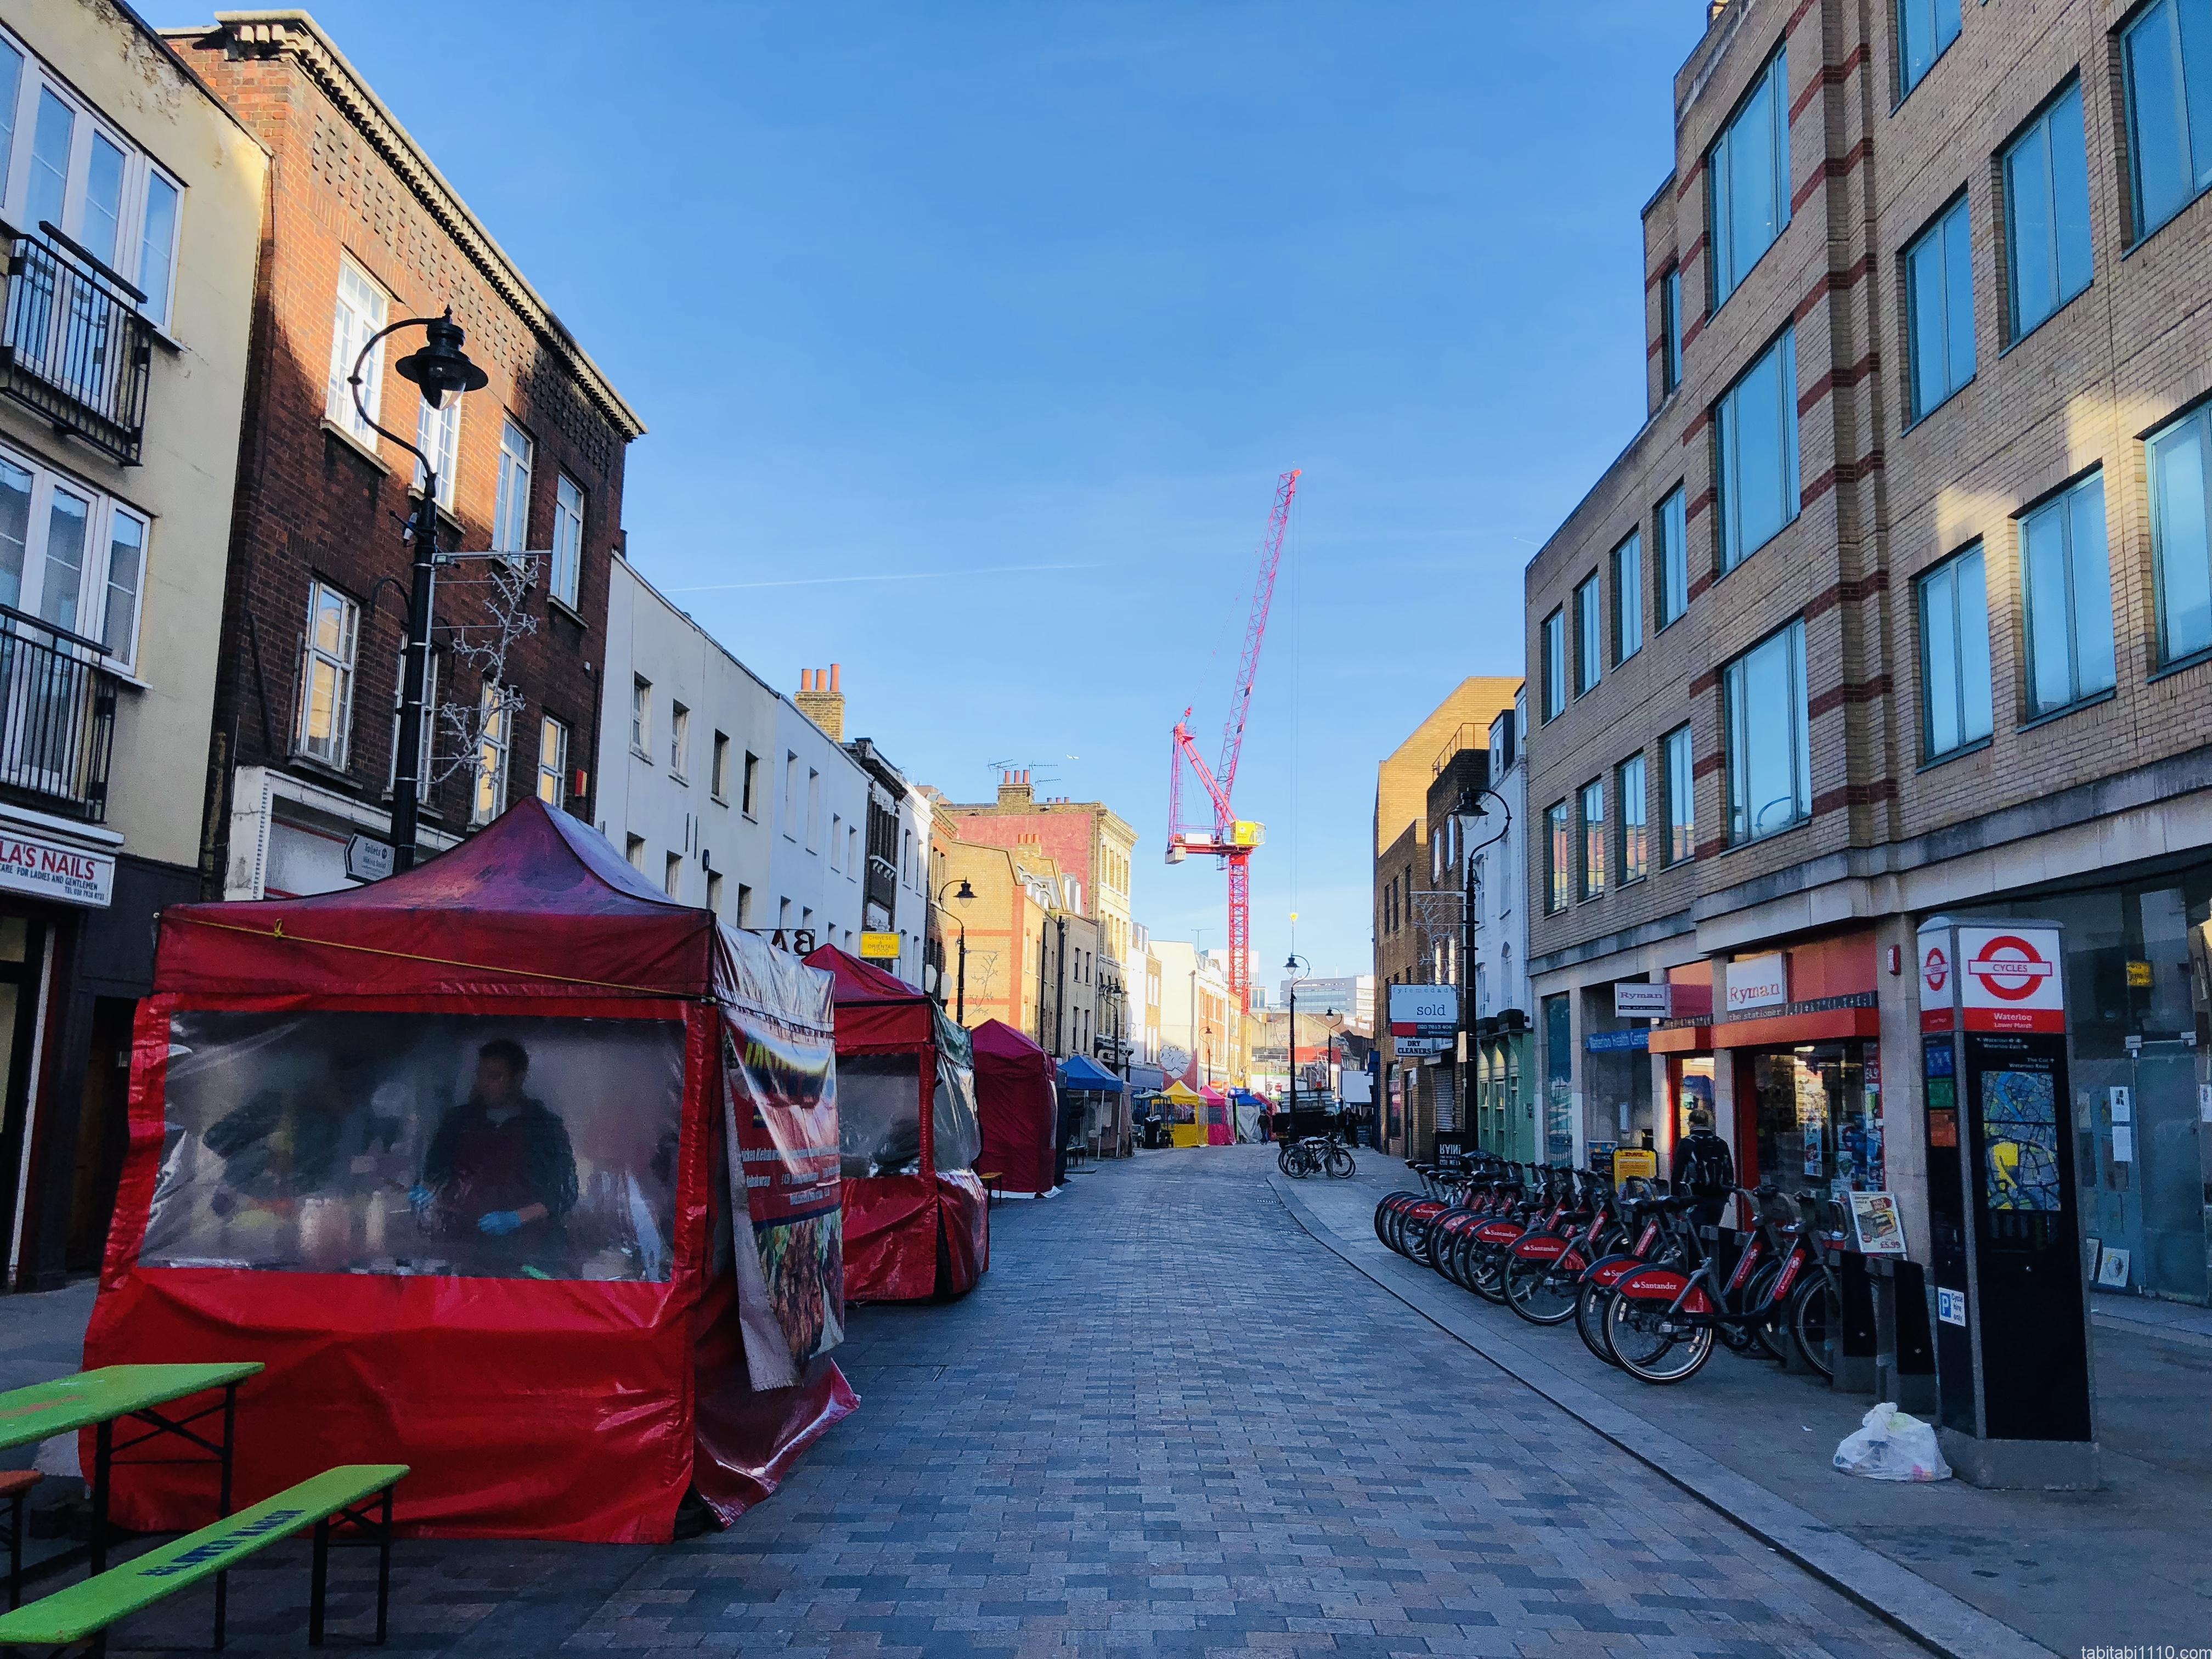 ロンドン|Lower Marsh Market